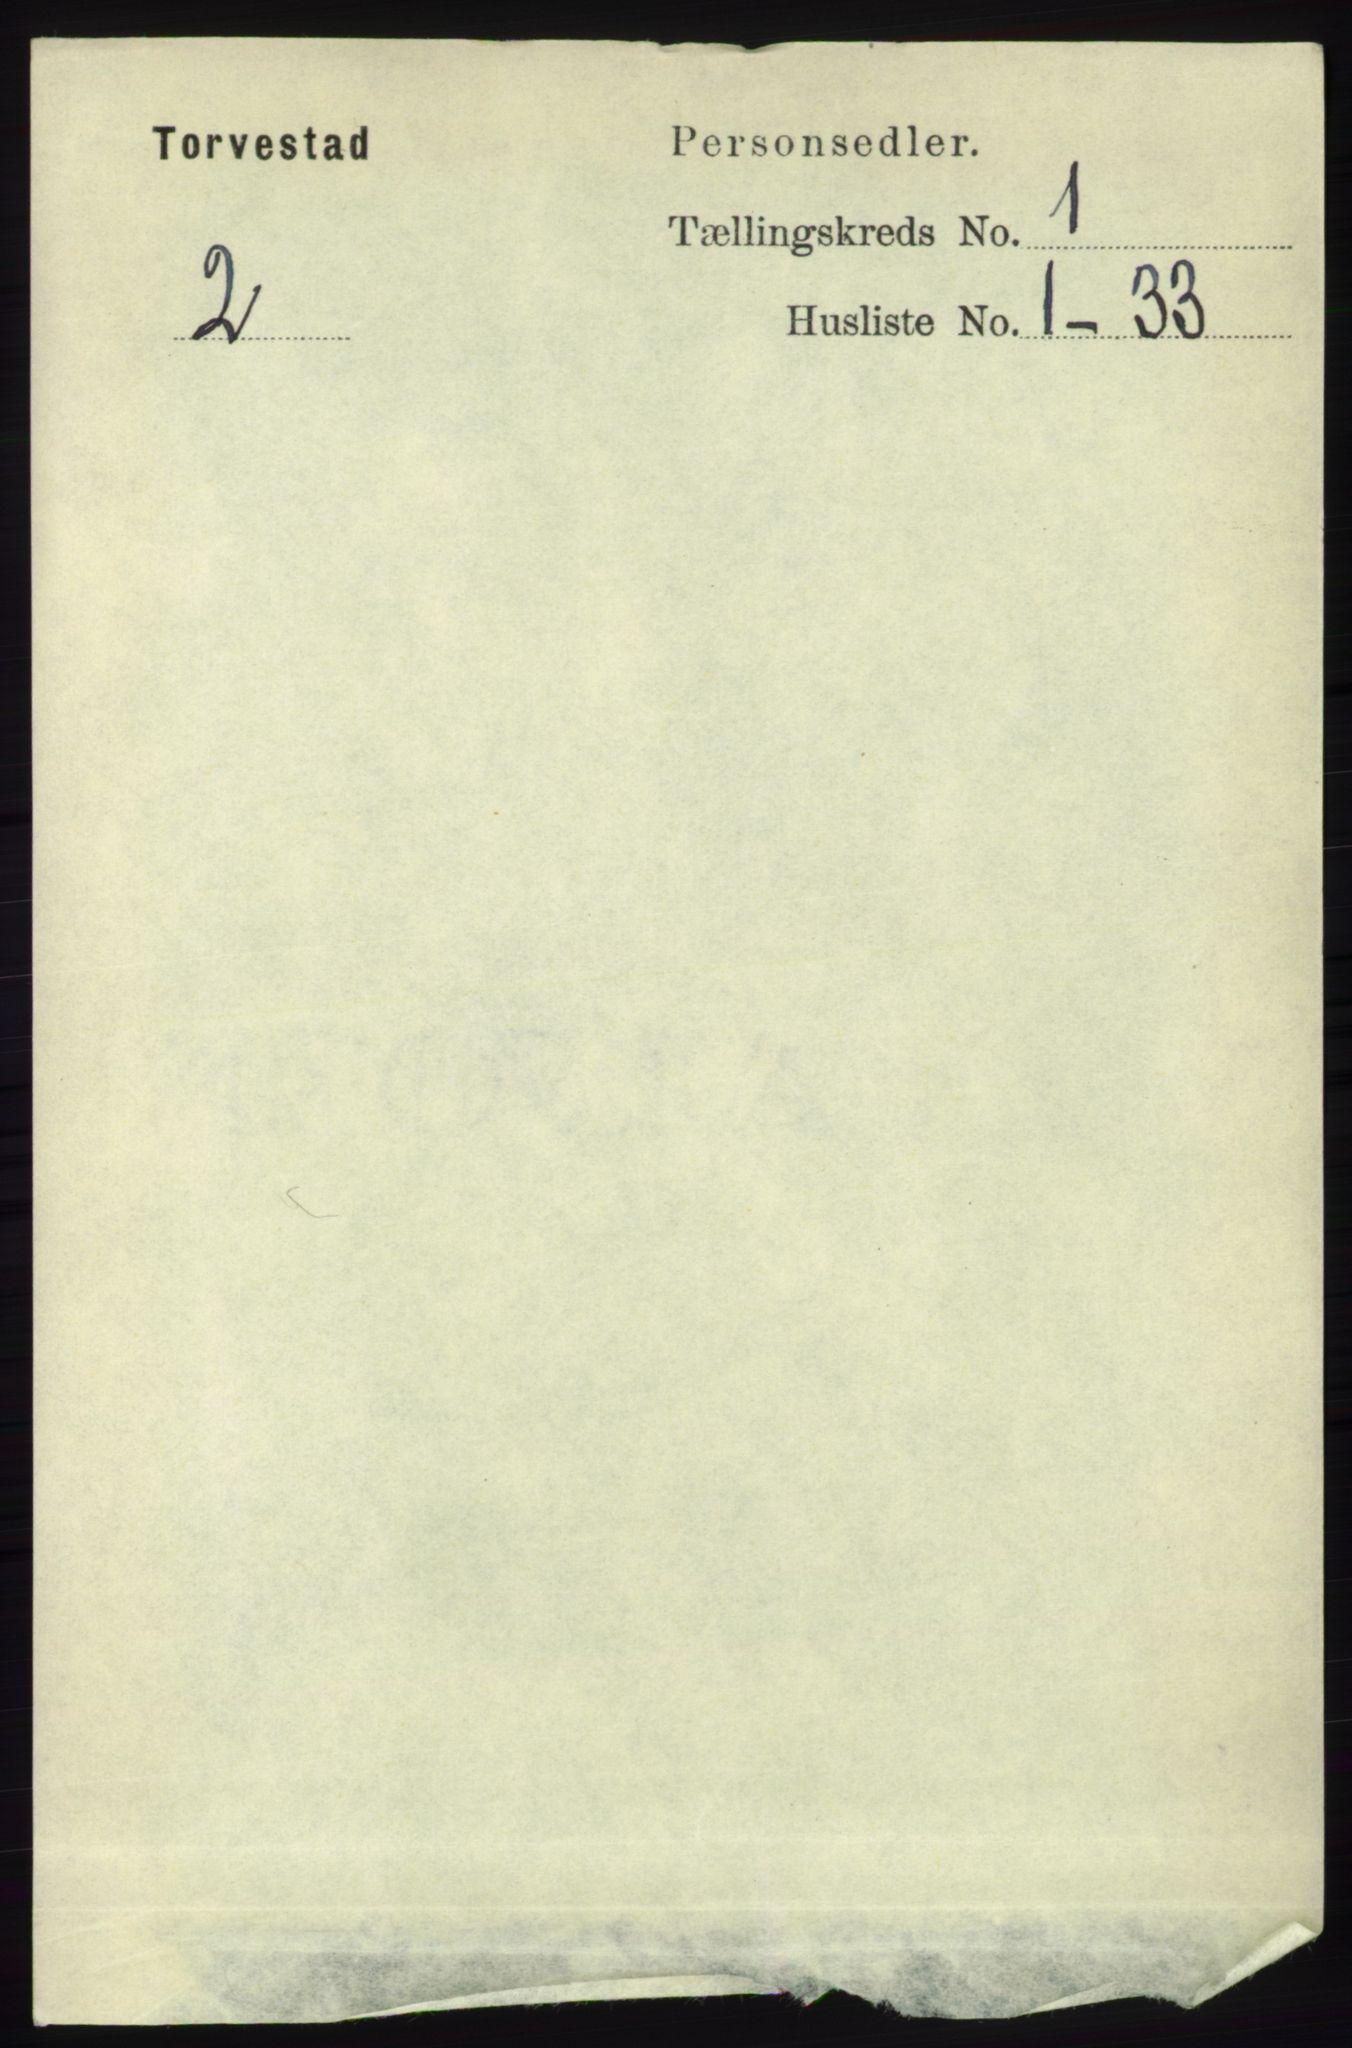 RA, Folketelling 1891 for 1152 Torvastad herred, 1891, s. 85